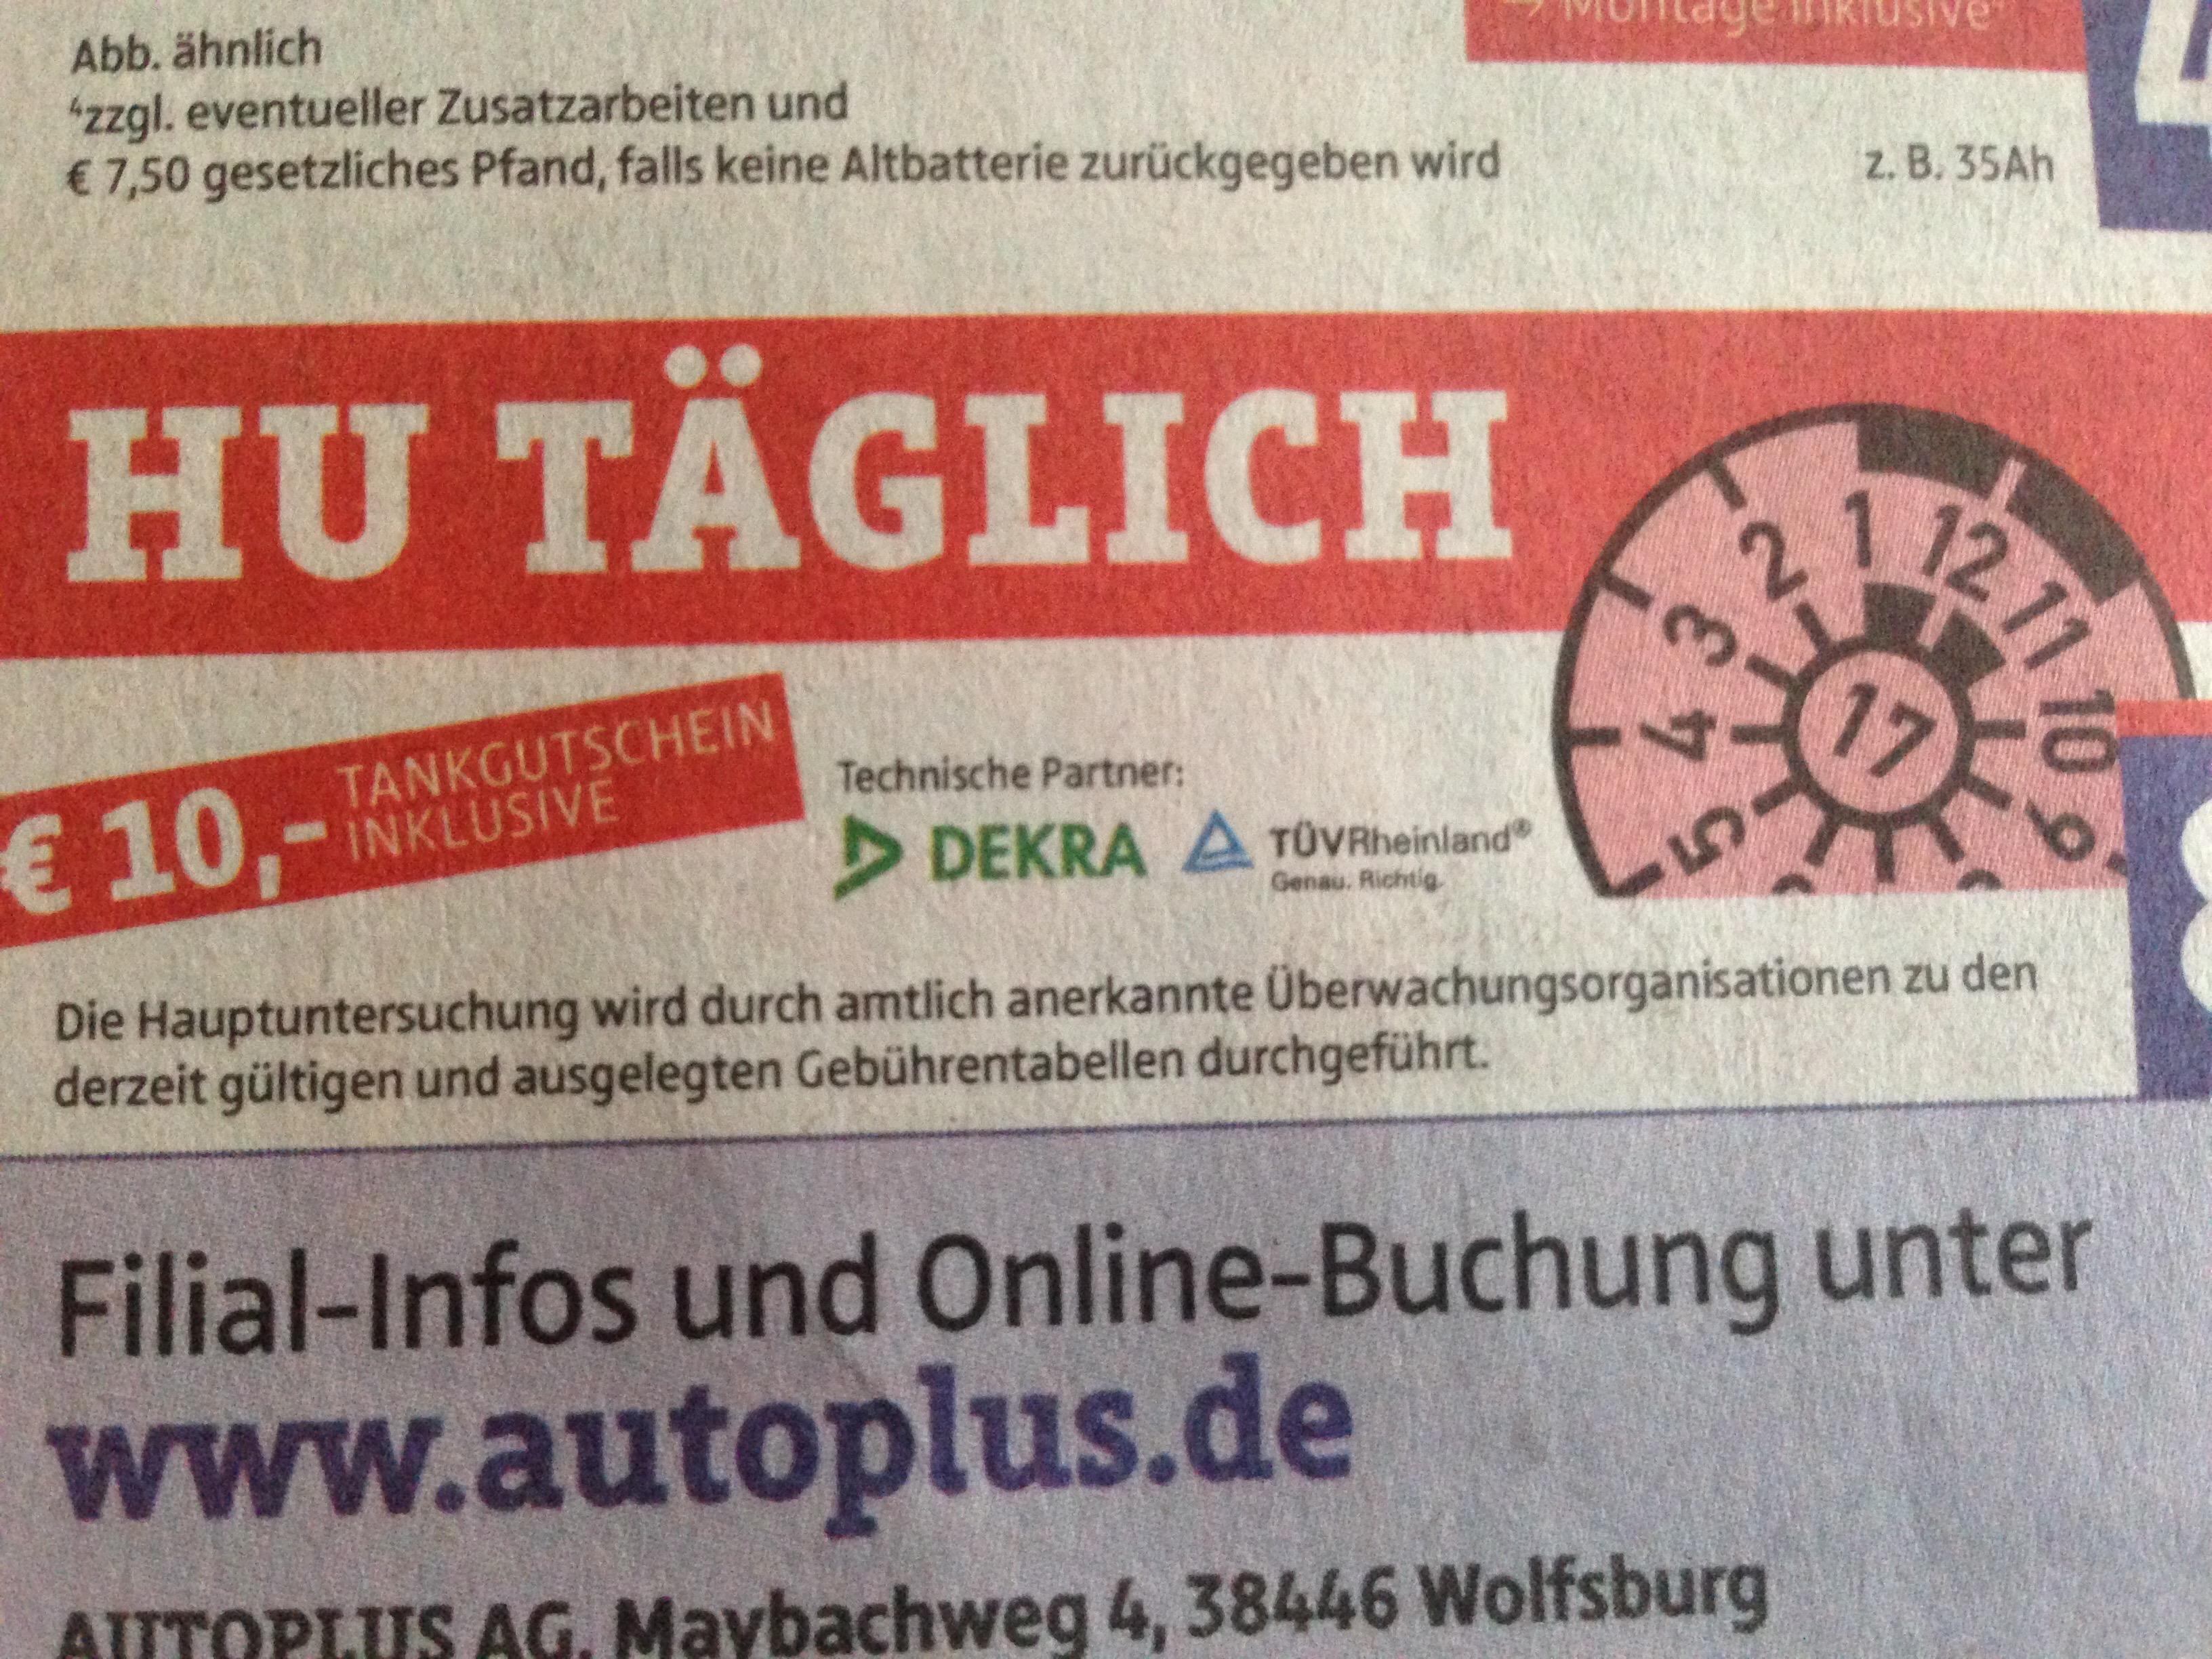 [Lokal - Wolfsburg?] HU + AU für 89€ + 10€ Tankgutschein bei AUTO Plus